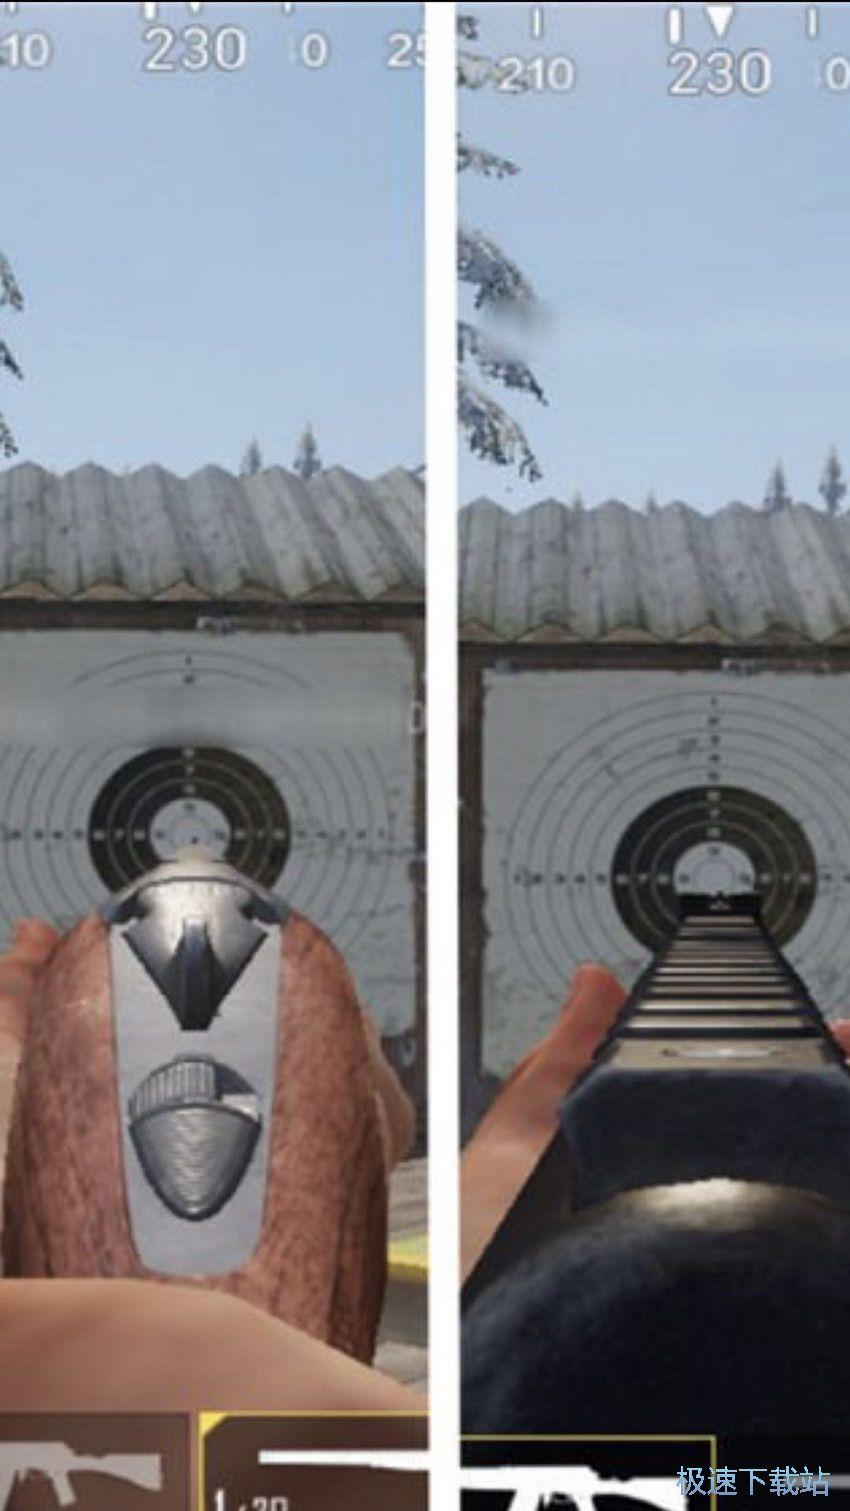 图:霰弹枪S12K与S686